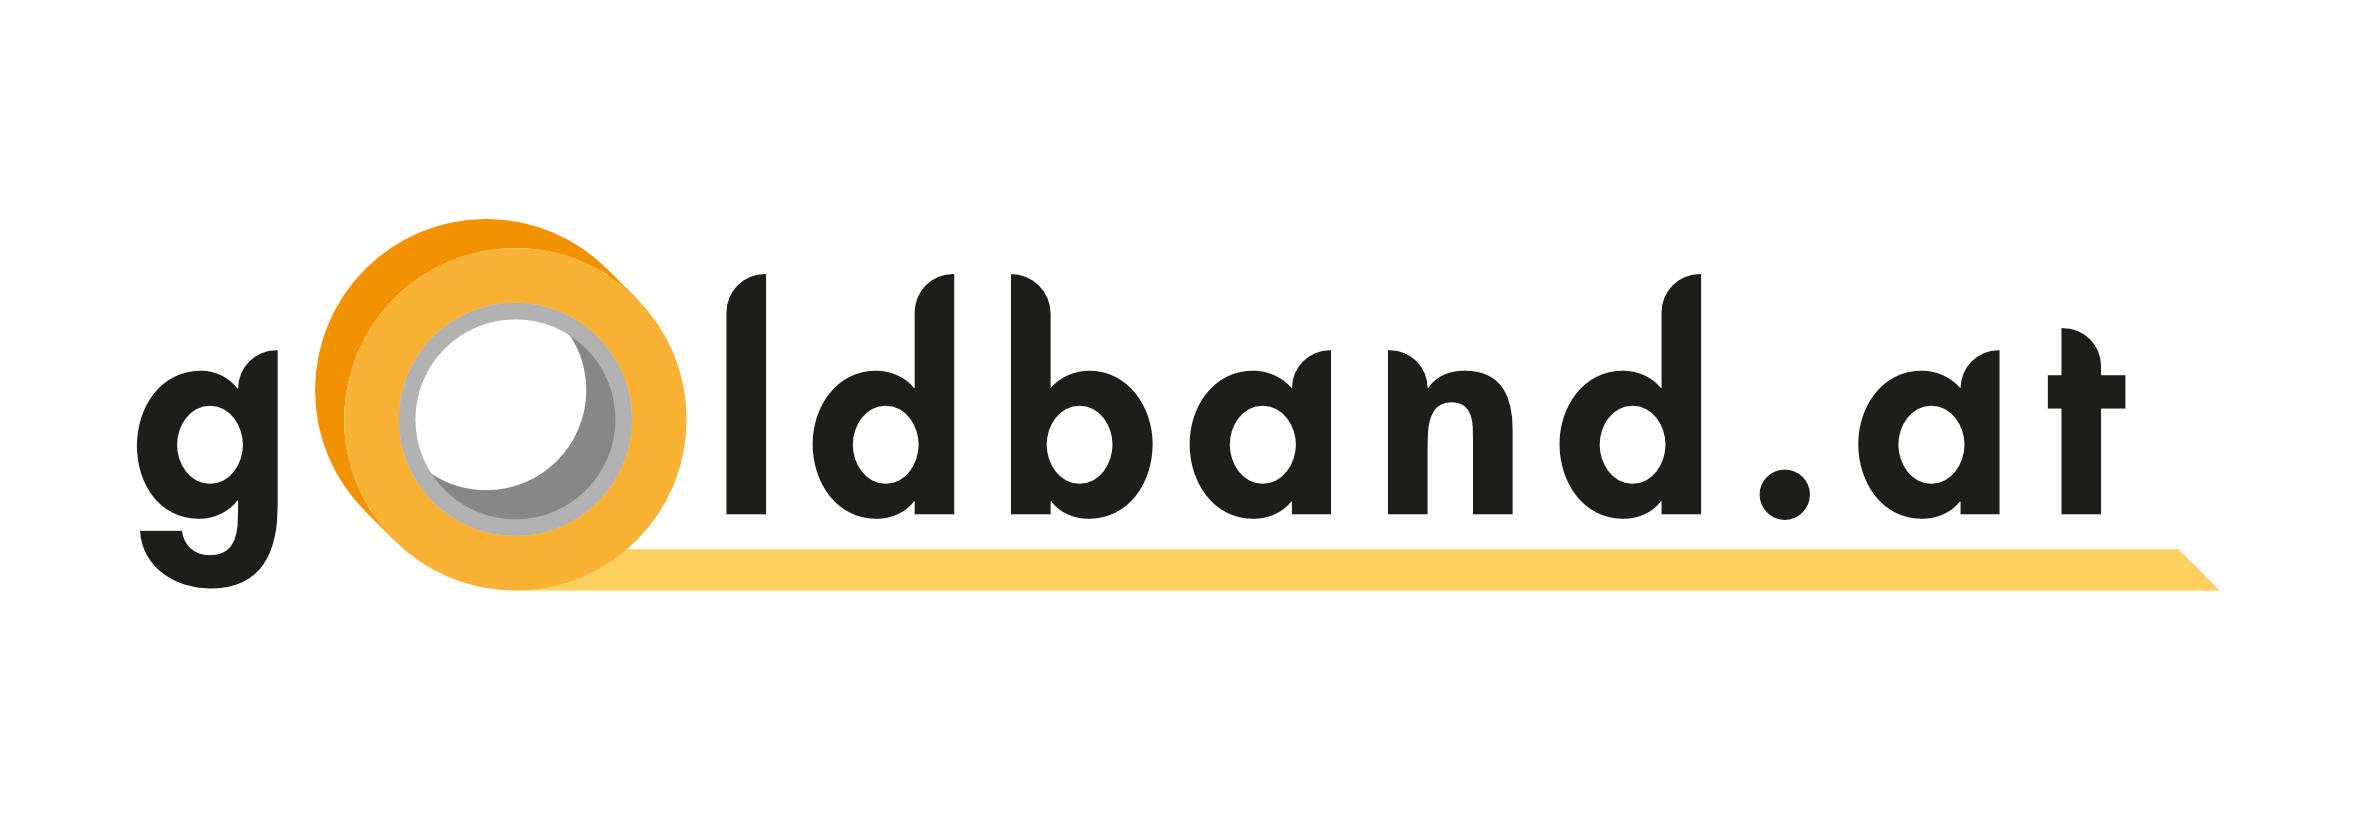 goldband.at